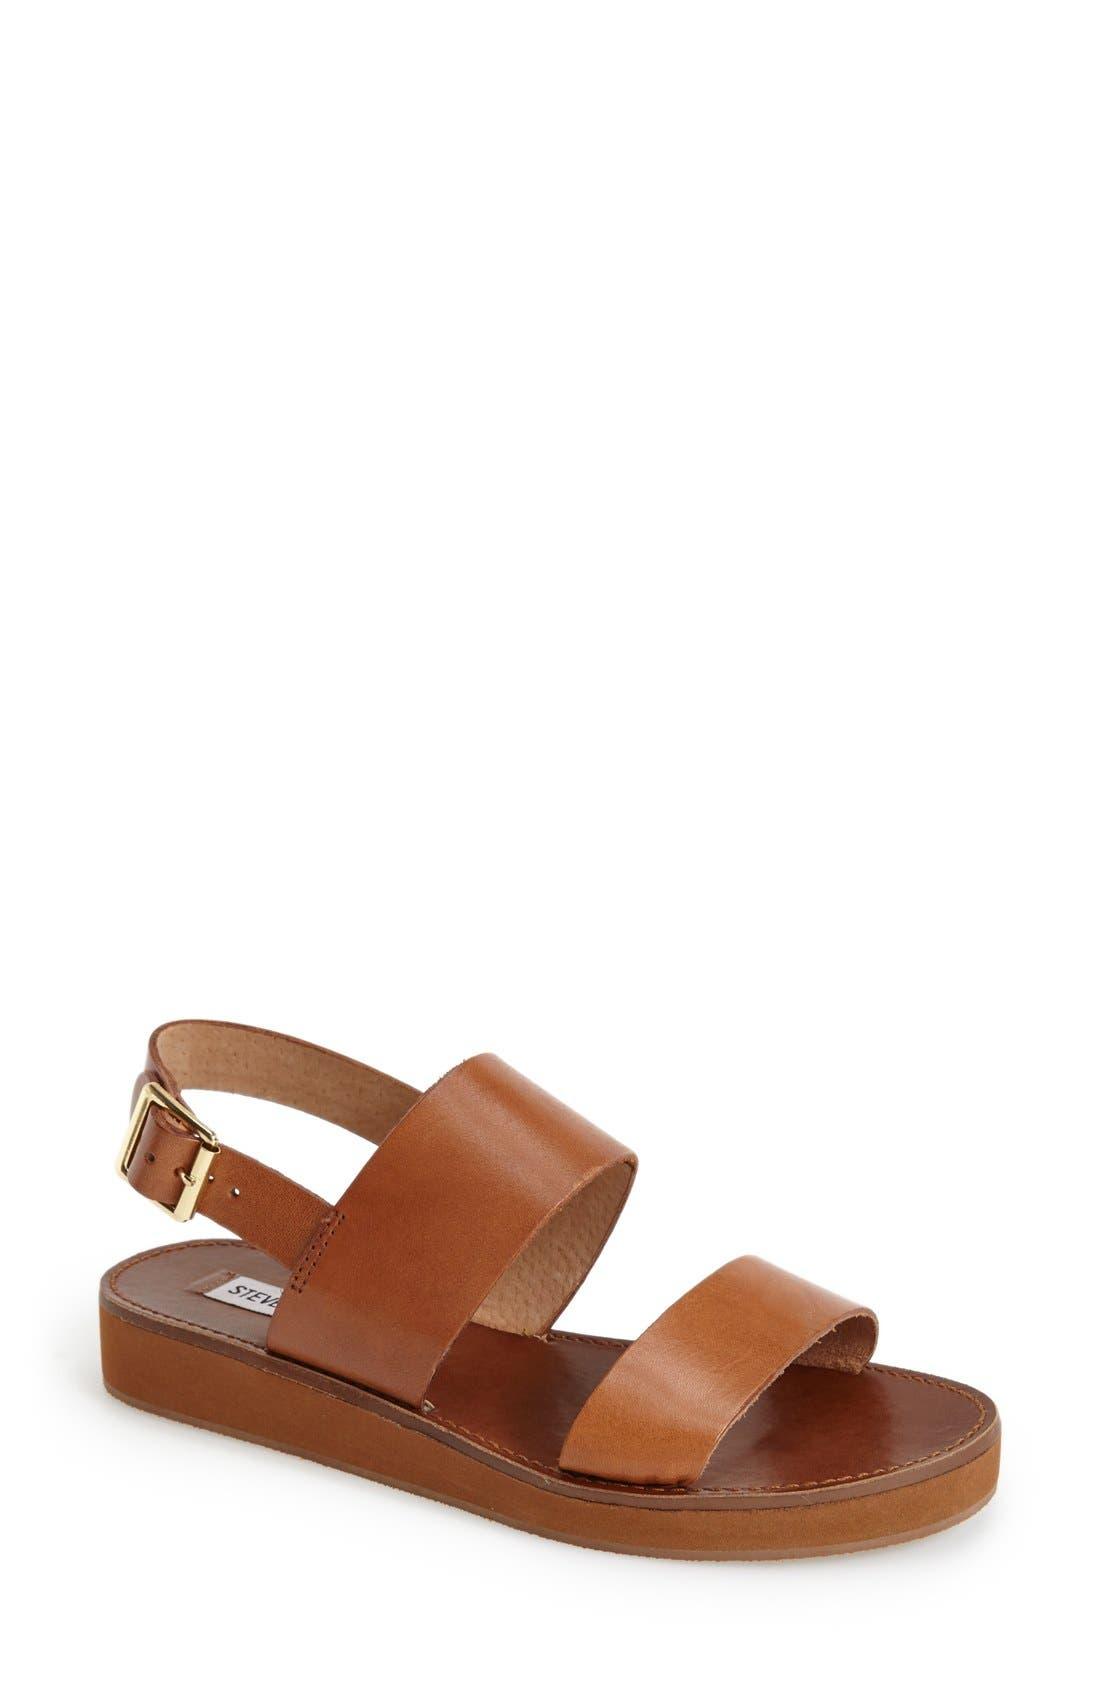 Main Image - Steve Madden 'Orka' Ankle Strap Sandal (Women)